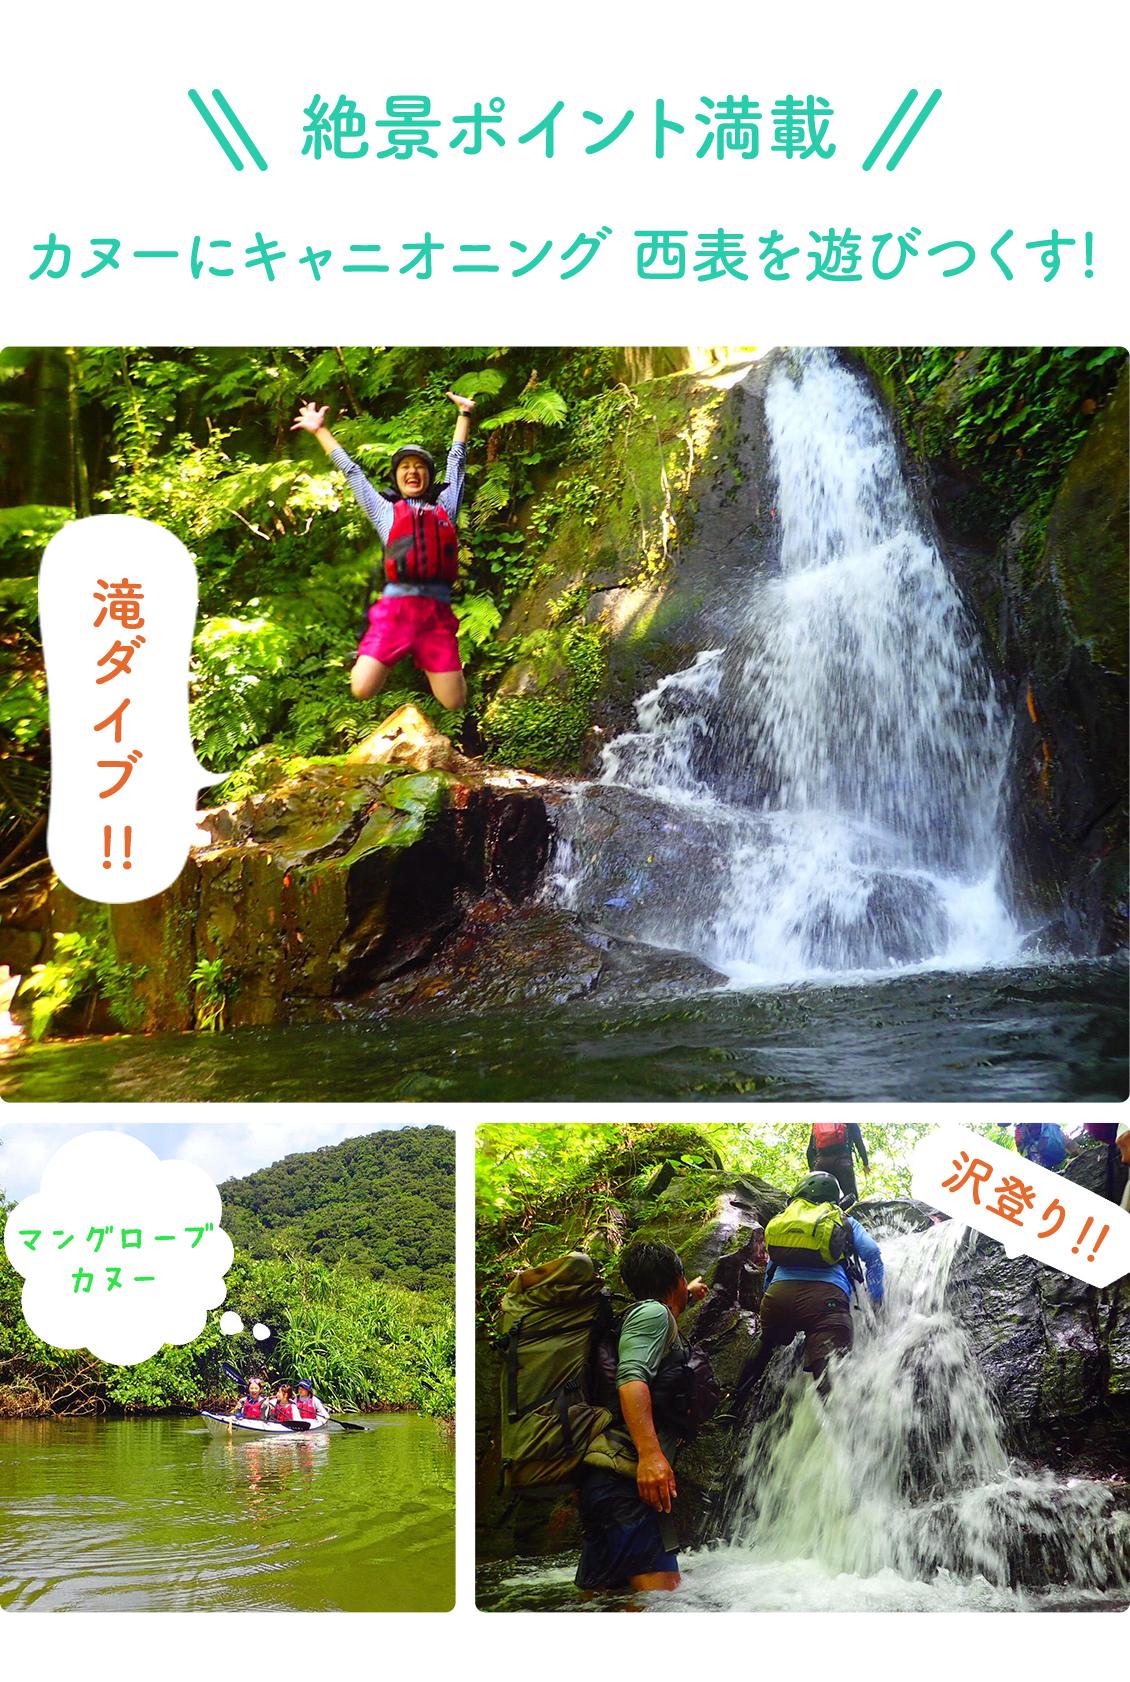 アダナデの滝シャワークライミング&カヤックツアー